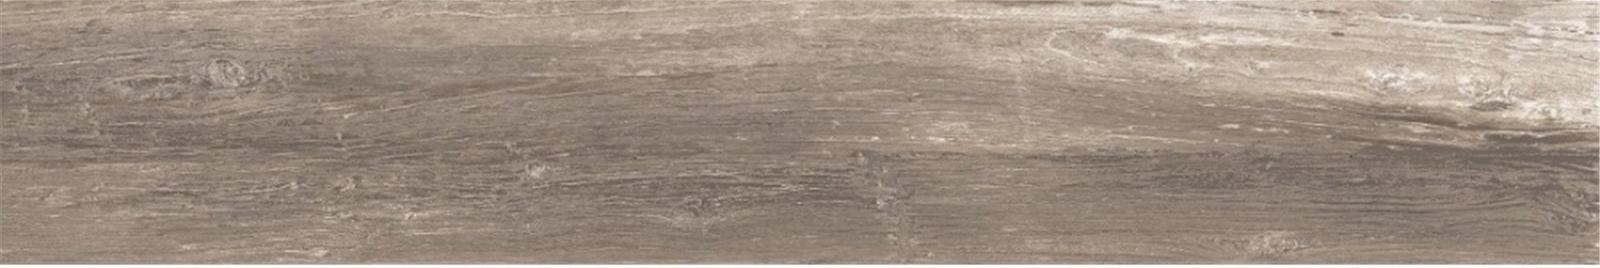 Купить Керамогранит Cerdomus Shine Grey 20x120, Италия